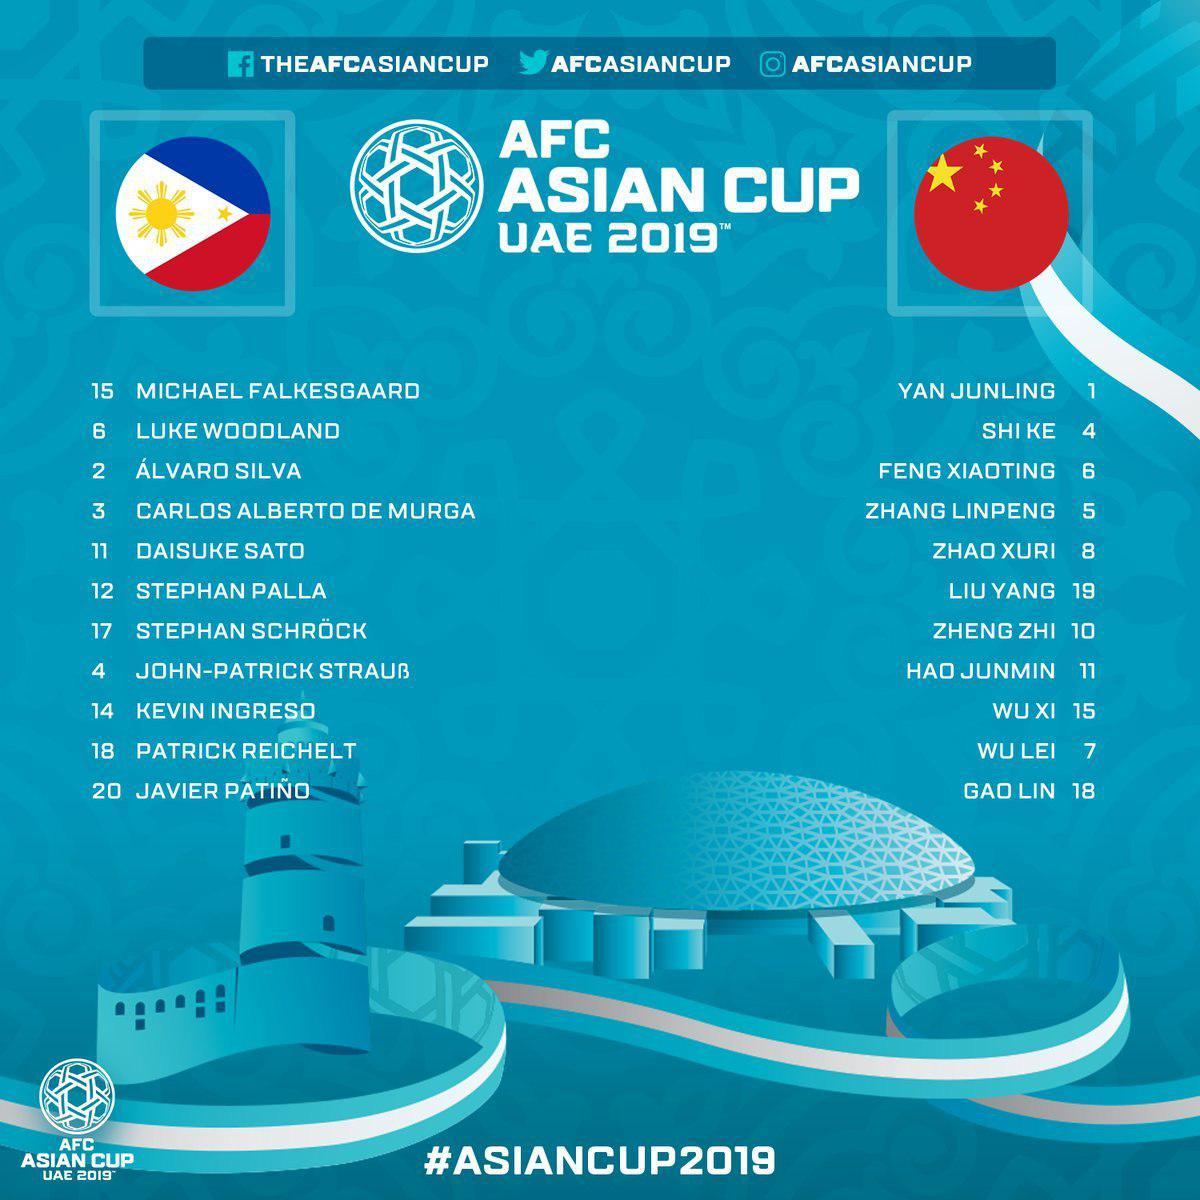 ترکیب تیمهای ملی فوتبال فیلیپین - چین در جام ملتهای آسیا